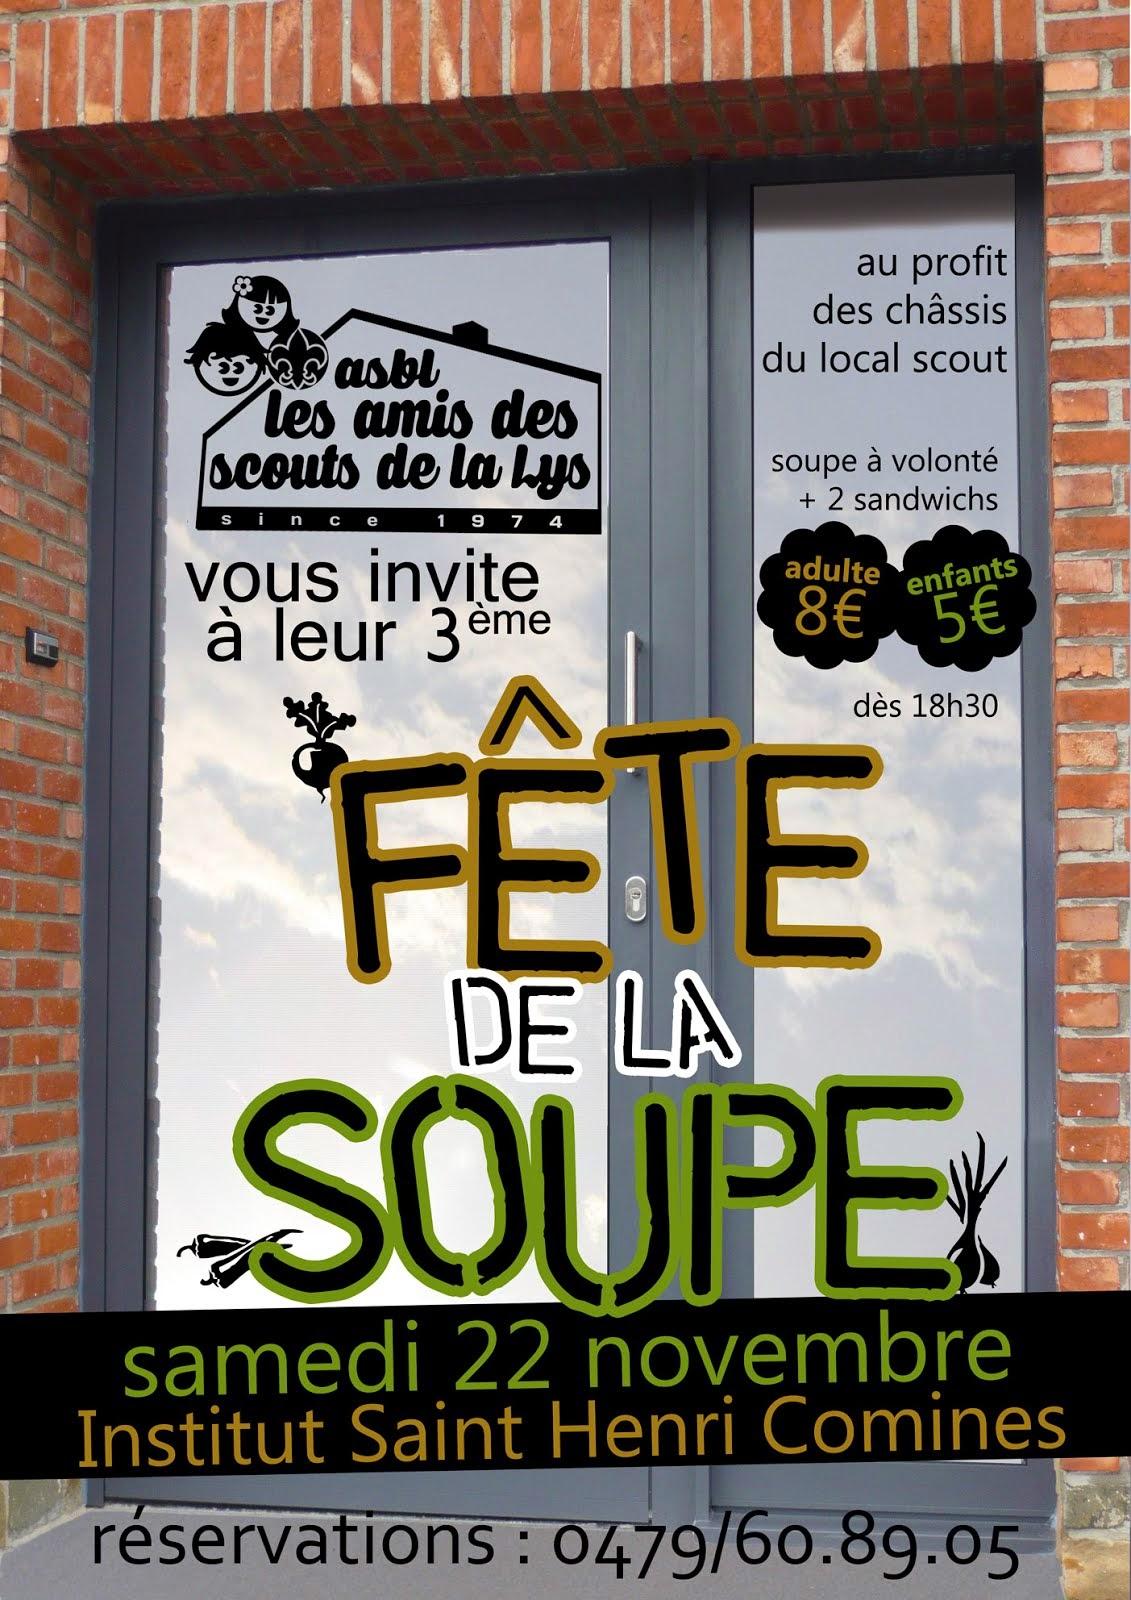 22 NOVEMBRE 2014 FÊTE DE LA SOUPE